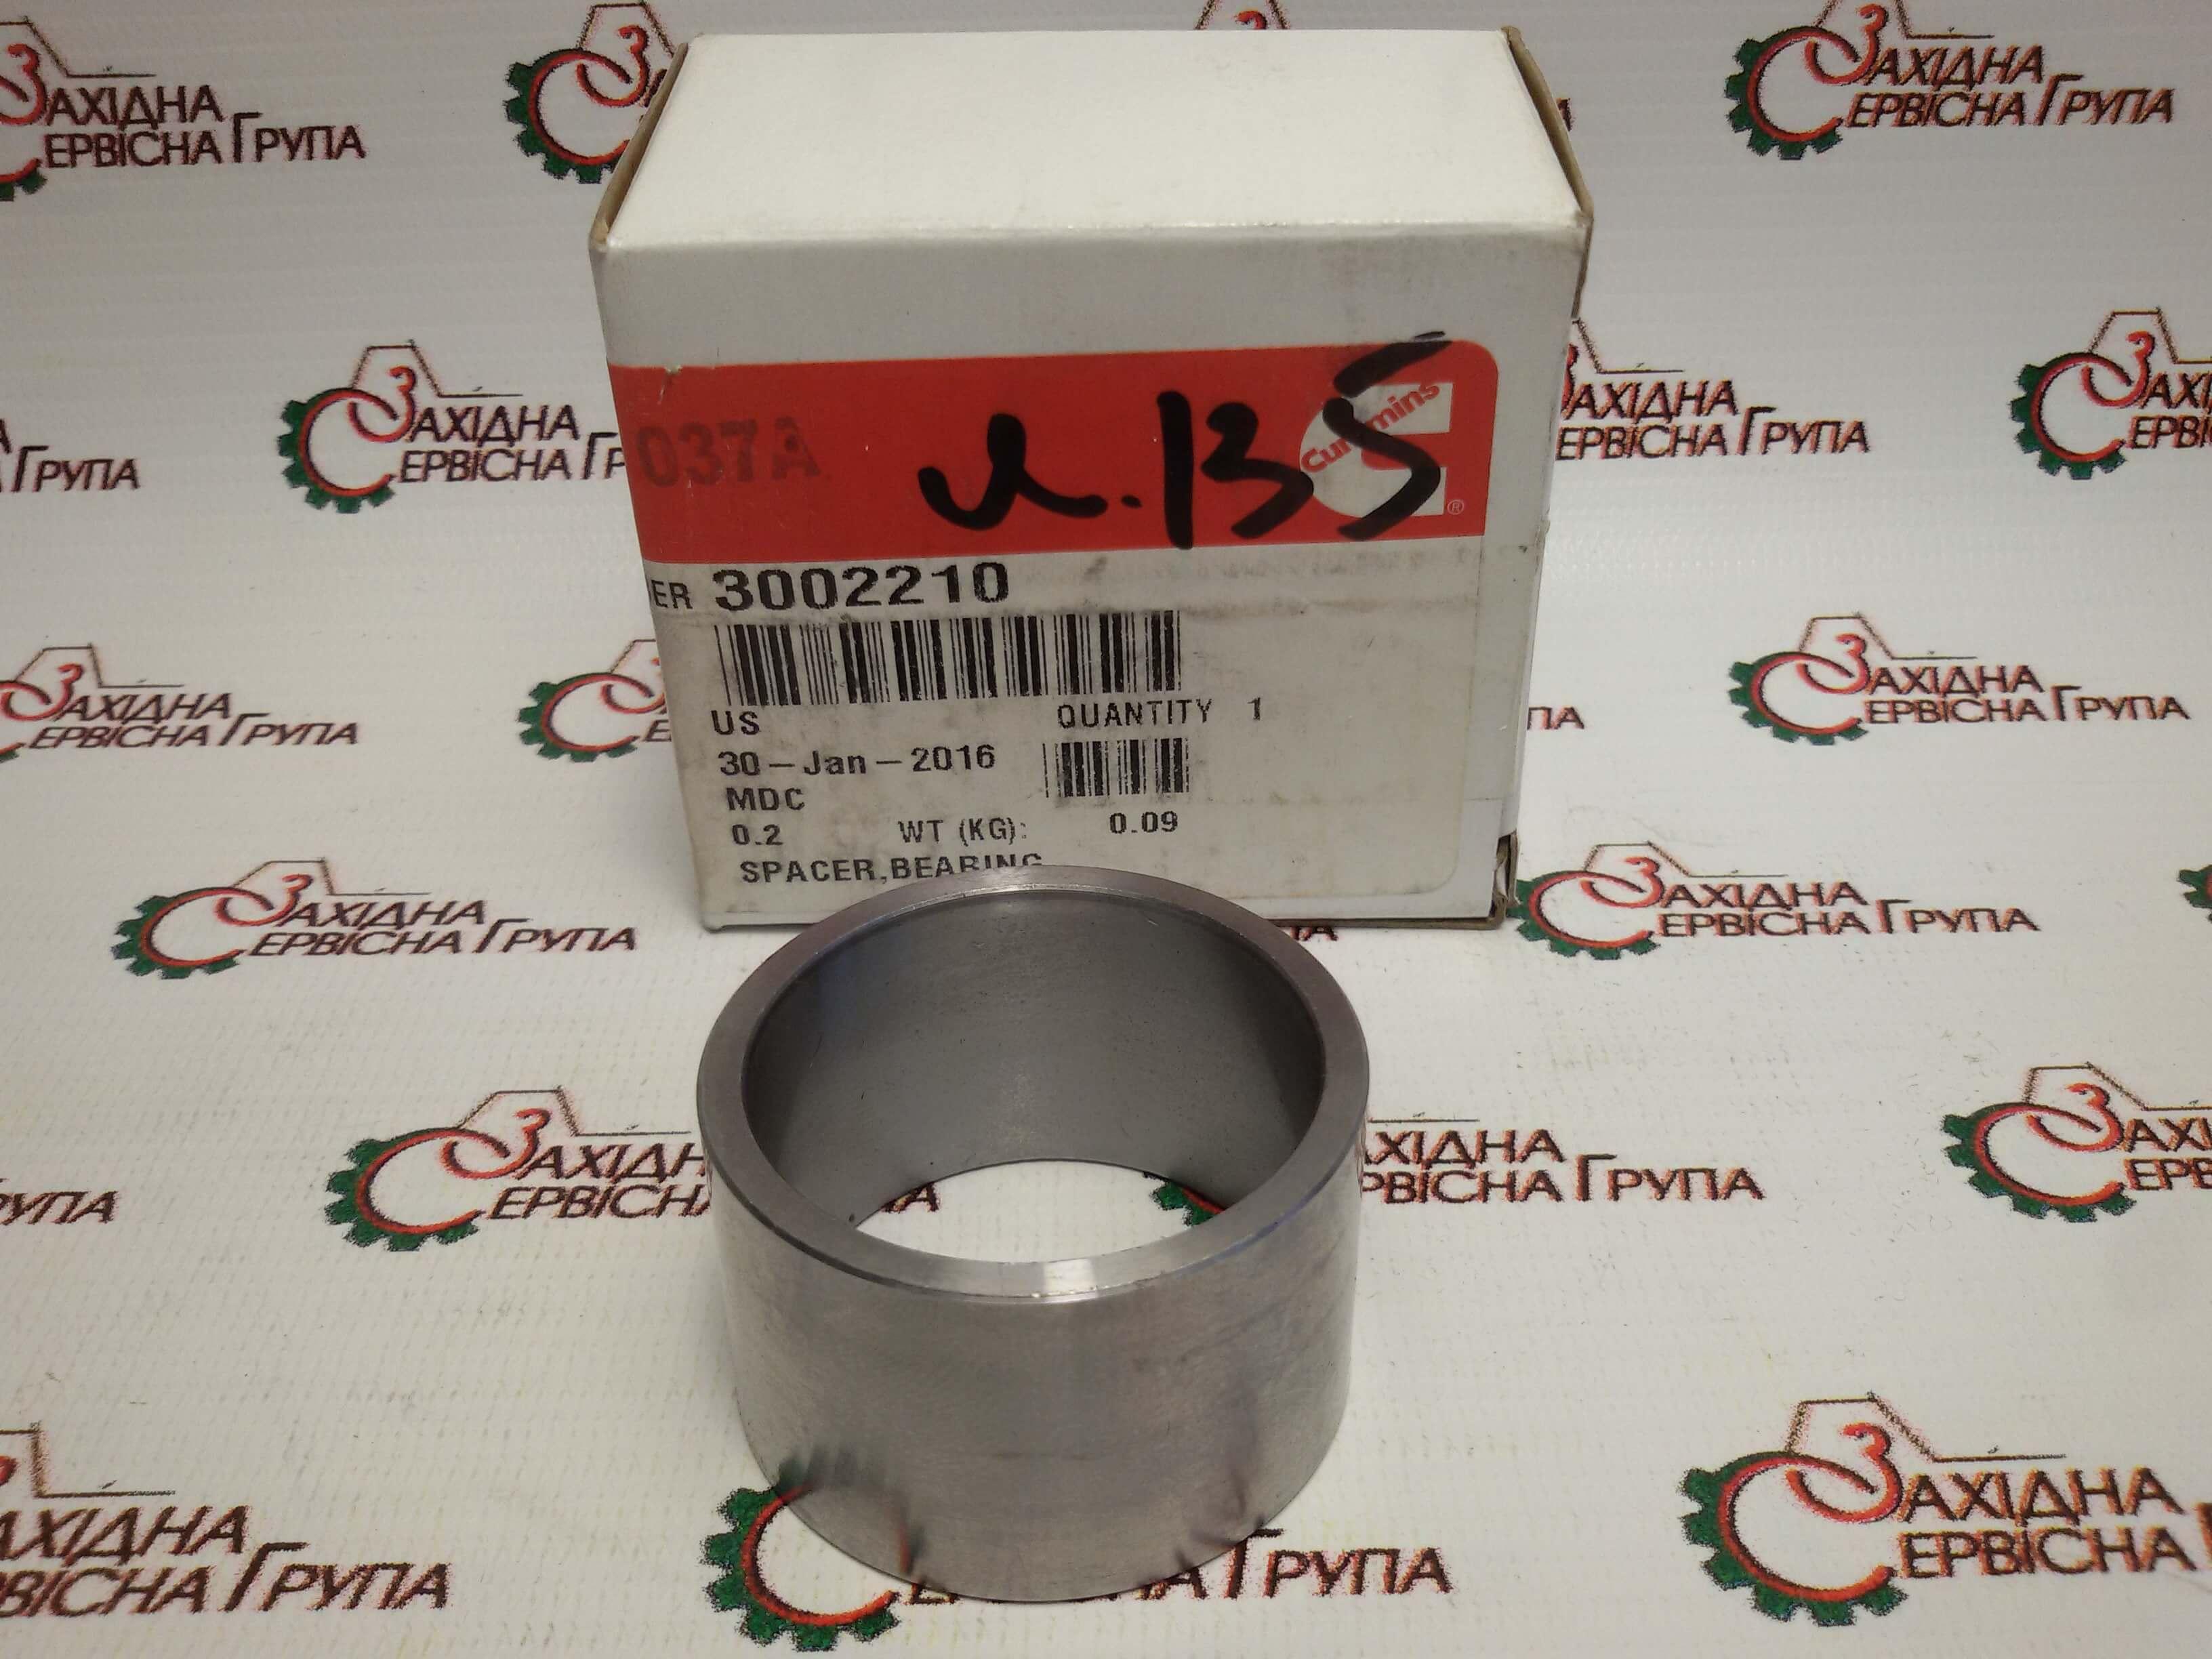 Втулка распорная подшипника ступицы вентилятора Cummins KTA19, 3002210.